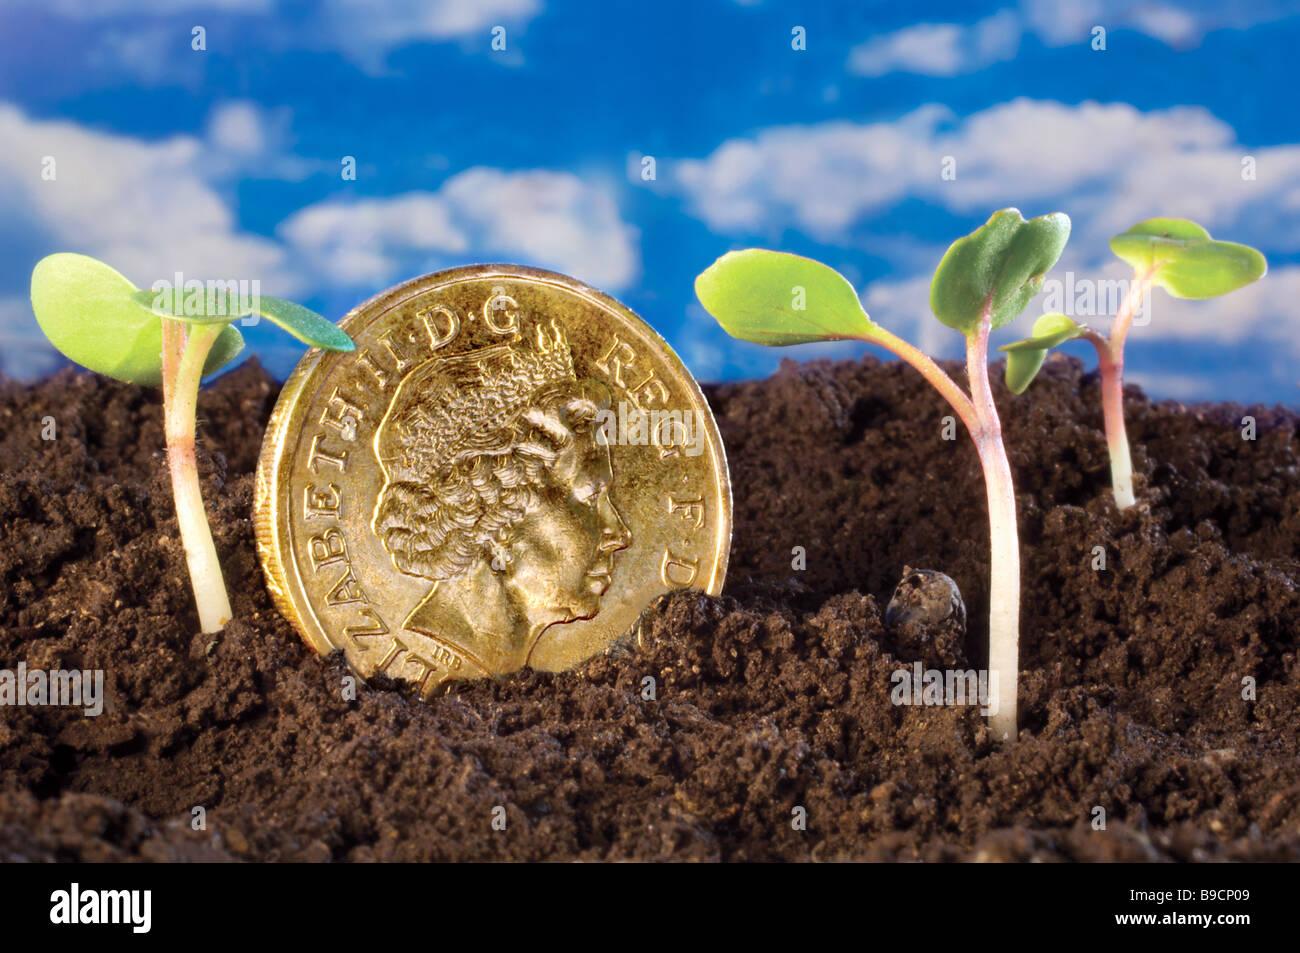 Les pousses vertes UK Pound récupération de la croissance économique de l'économie Photo Stock